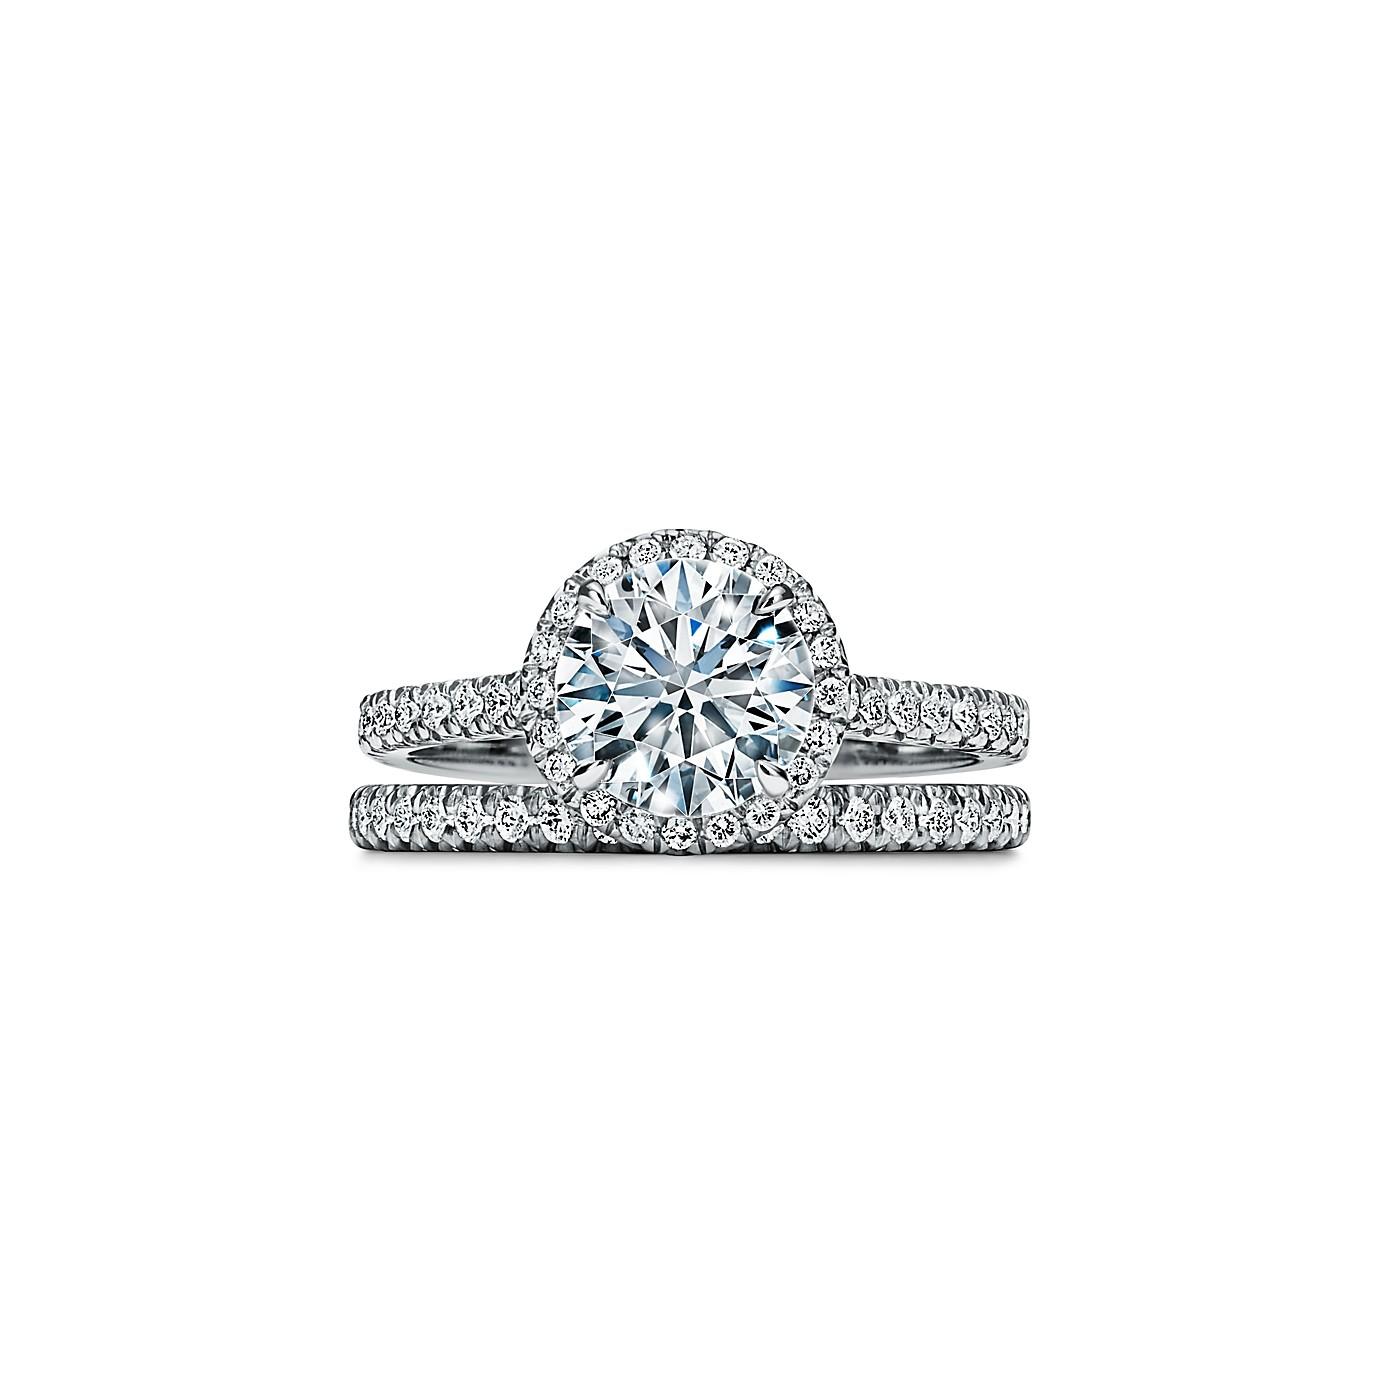 ティファニー ソレスト ラウンド ブリリアント エンゲージメント リング(3)―Tiffany & Co.(ティファニー)